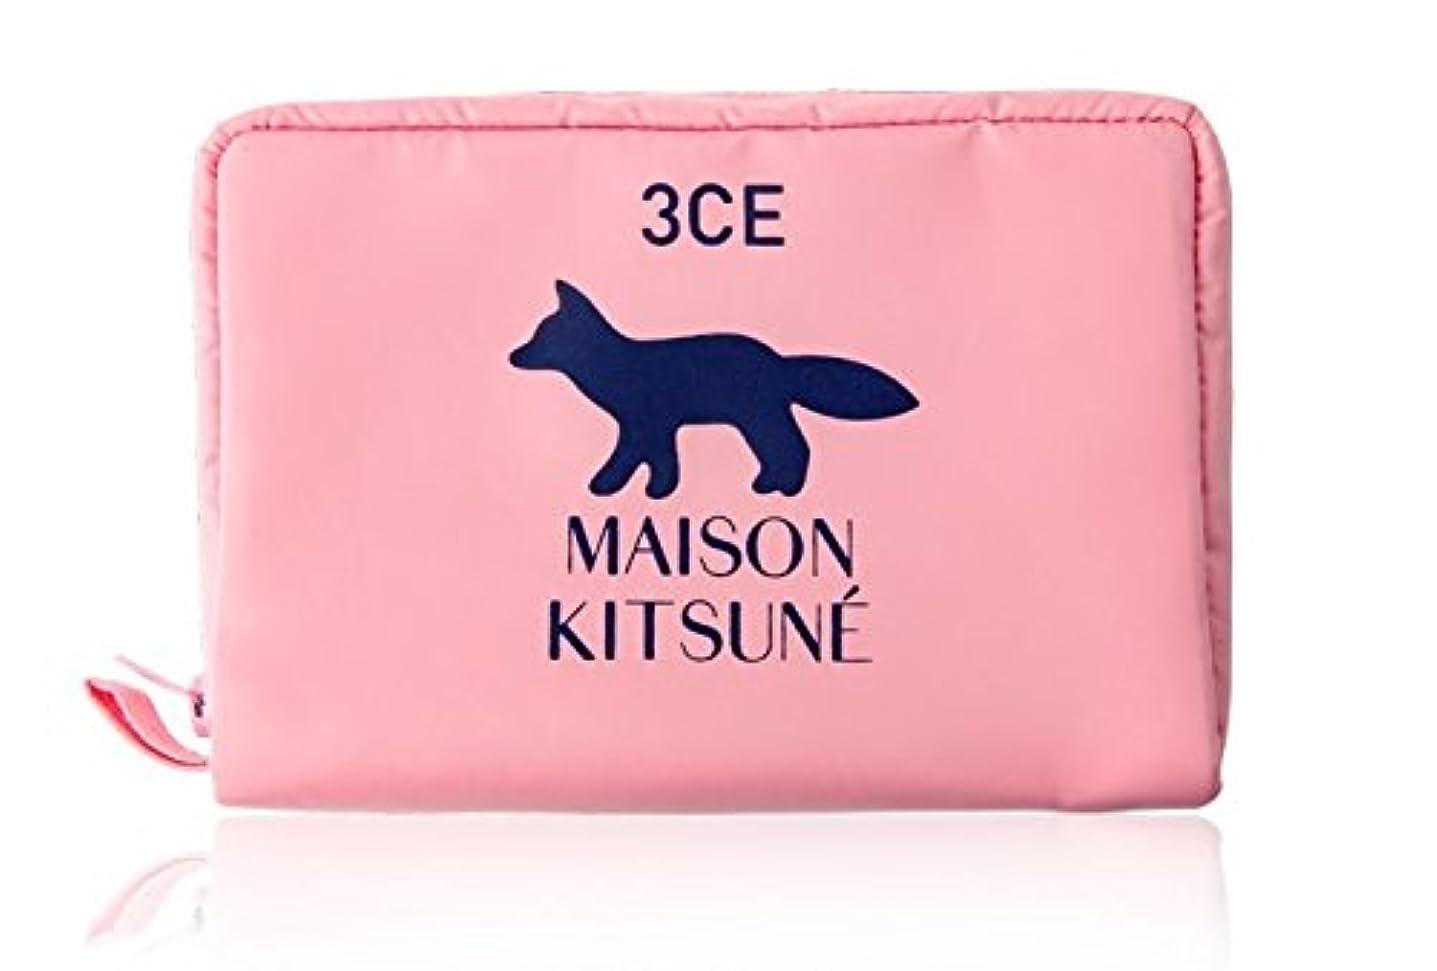 項目より多い救出3CE MAISON KITSUNE POUCH #PINK ポーチ ピンク